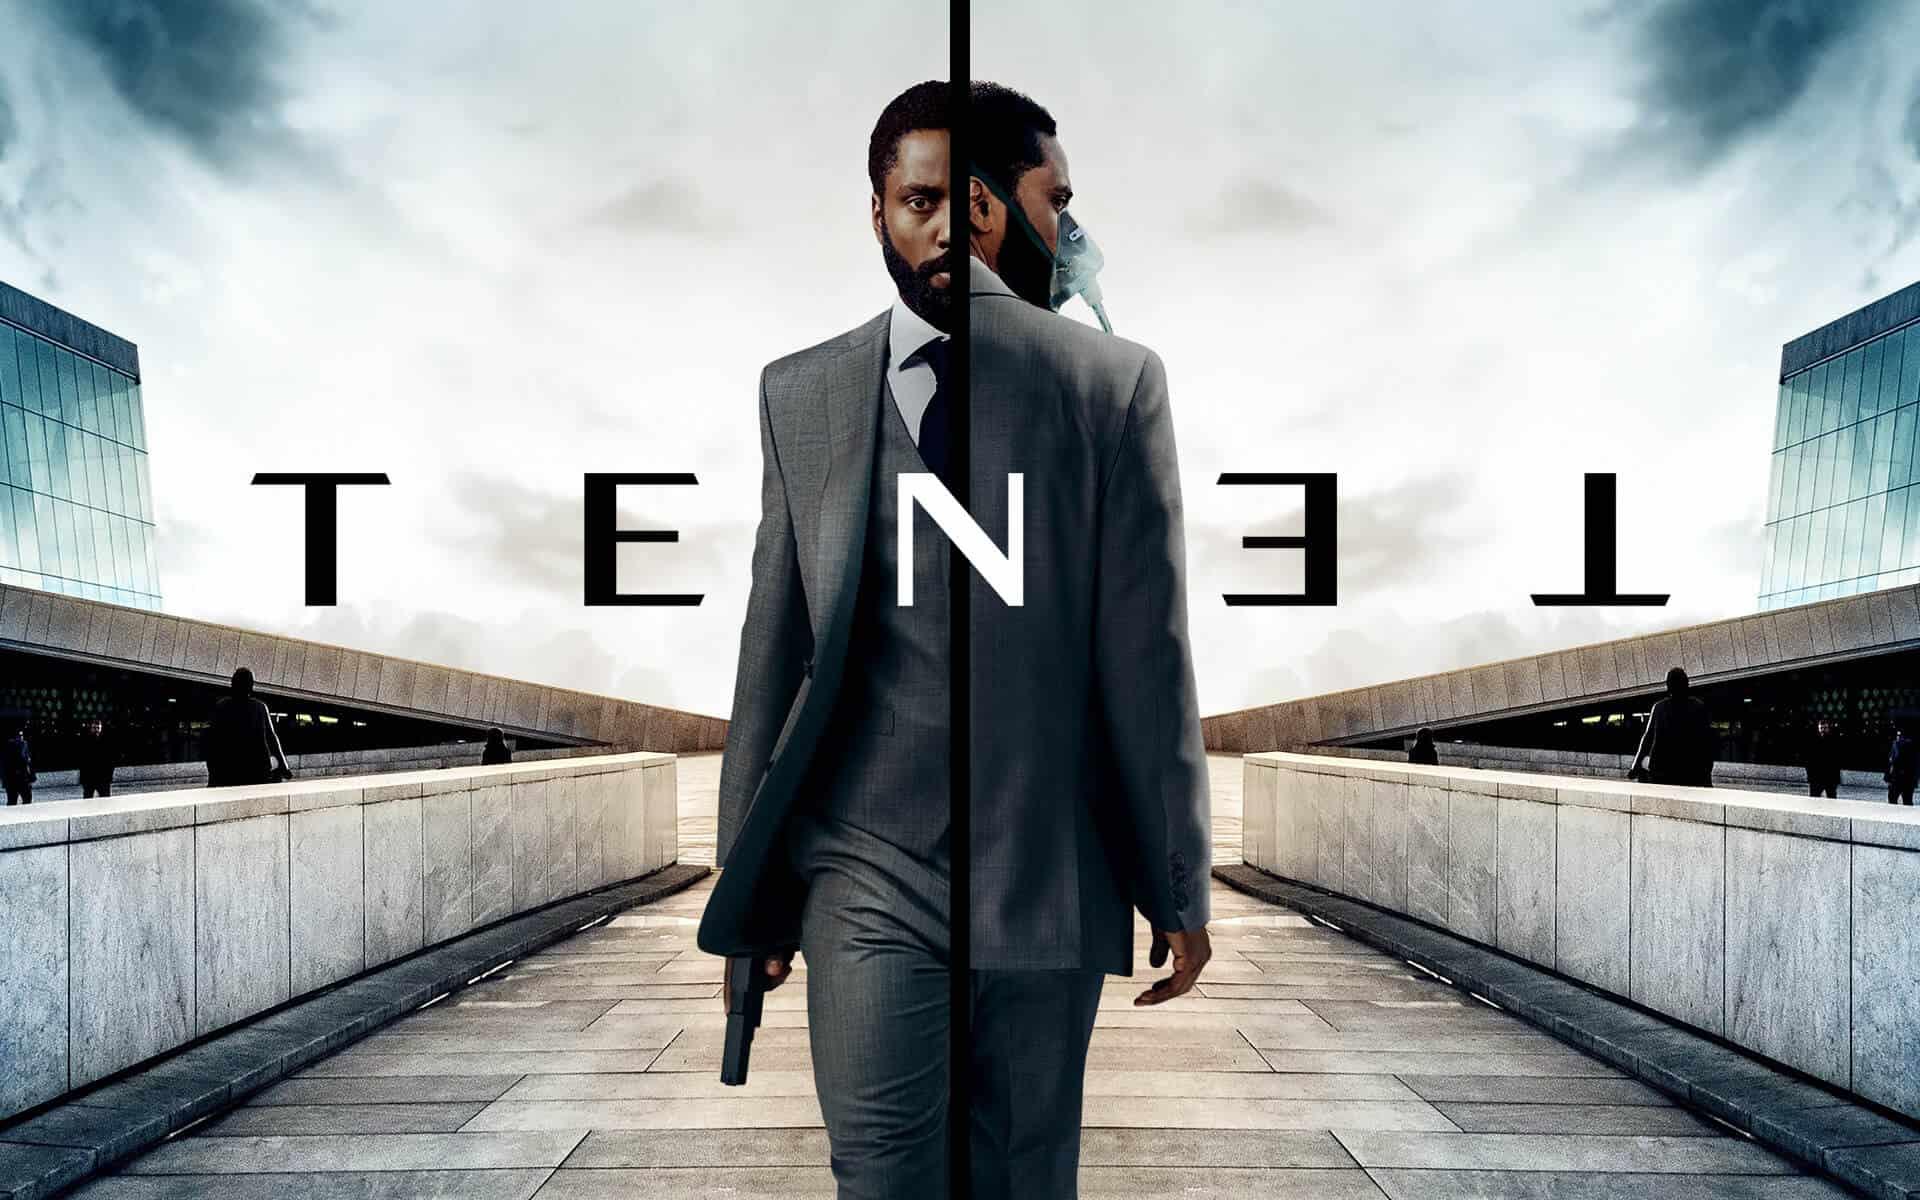 """Dugo očekivana premijera filma """"Tenet"""" i dalje se prolongira"""